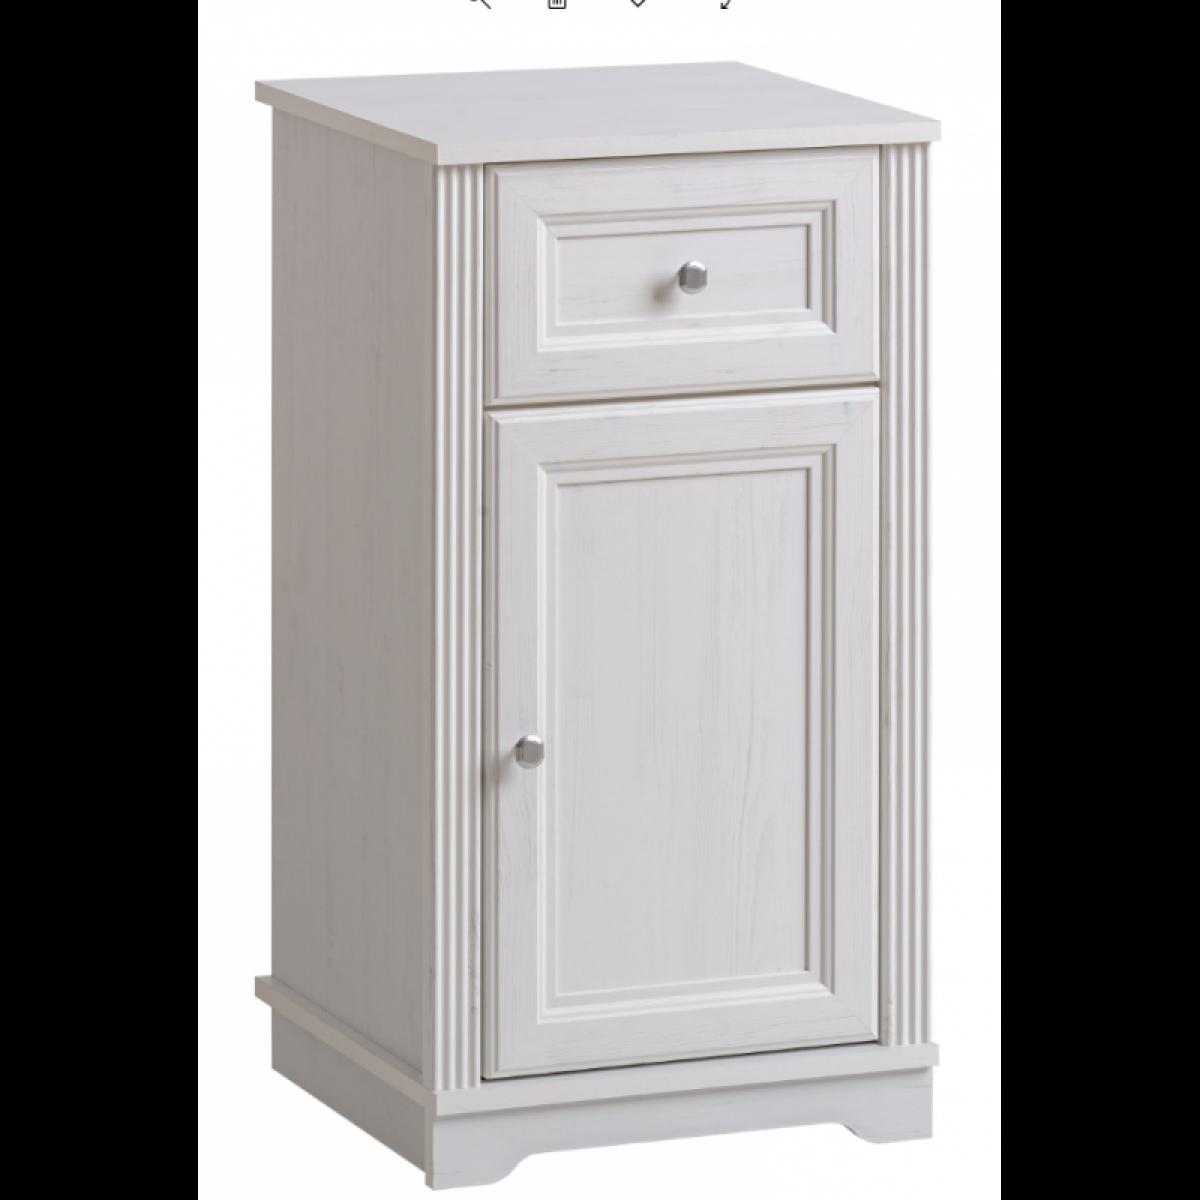 Ac-Deco Armoire de salle de bain Palace White - 43 x 40 x 81 cm - Rangement